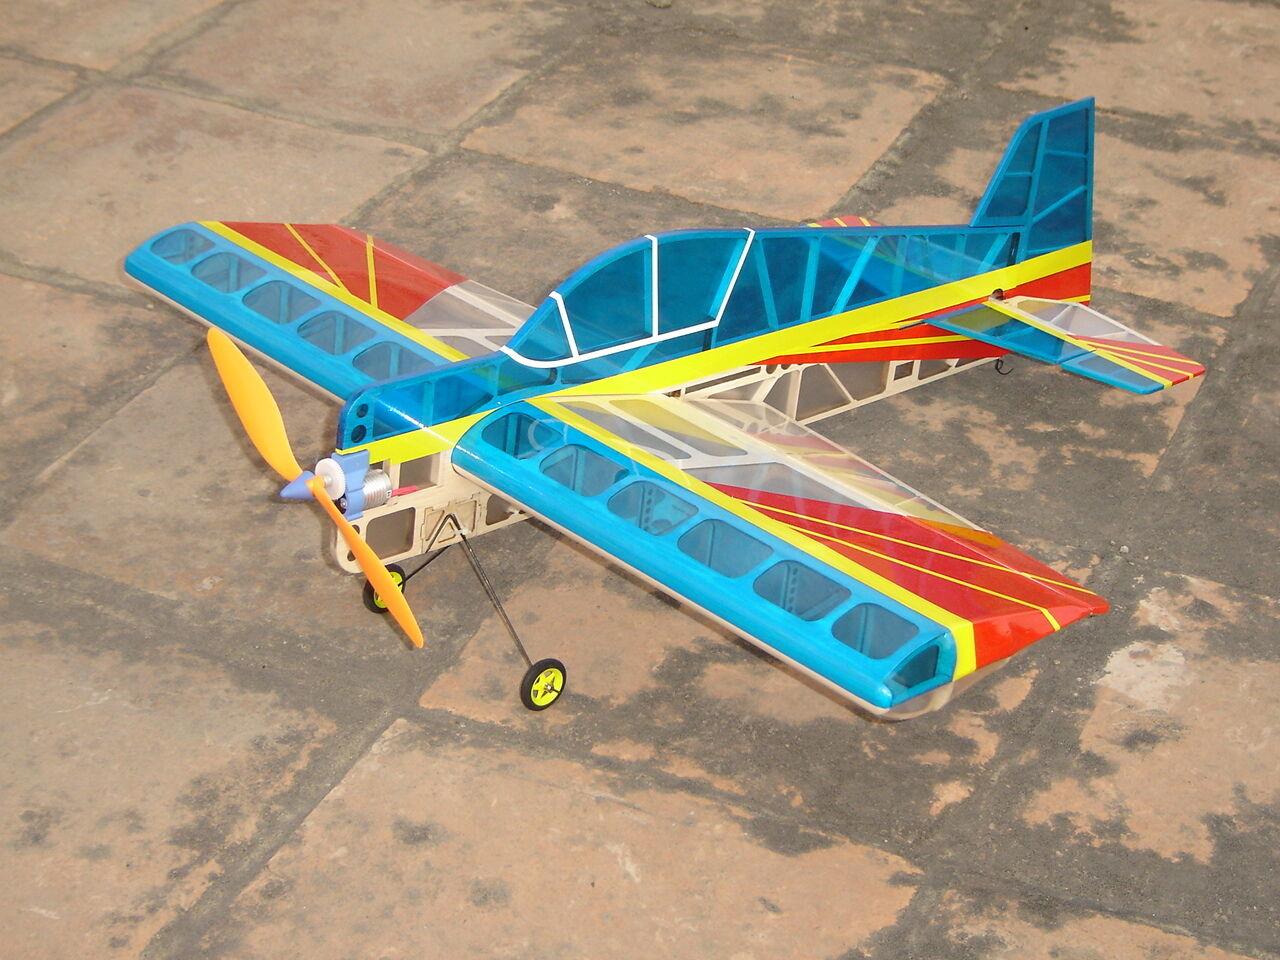 30.2 in (approx. 76.71 cm) haikong YAK 55 episodio pfofile Eléctrico Radio Control avión A021 Azul